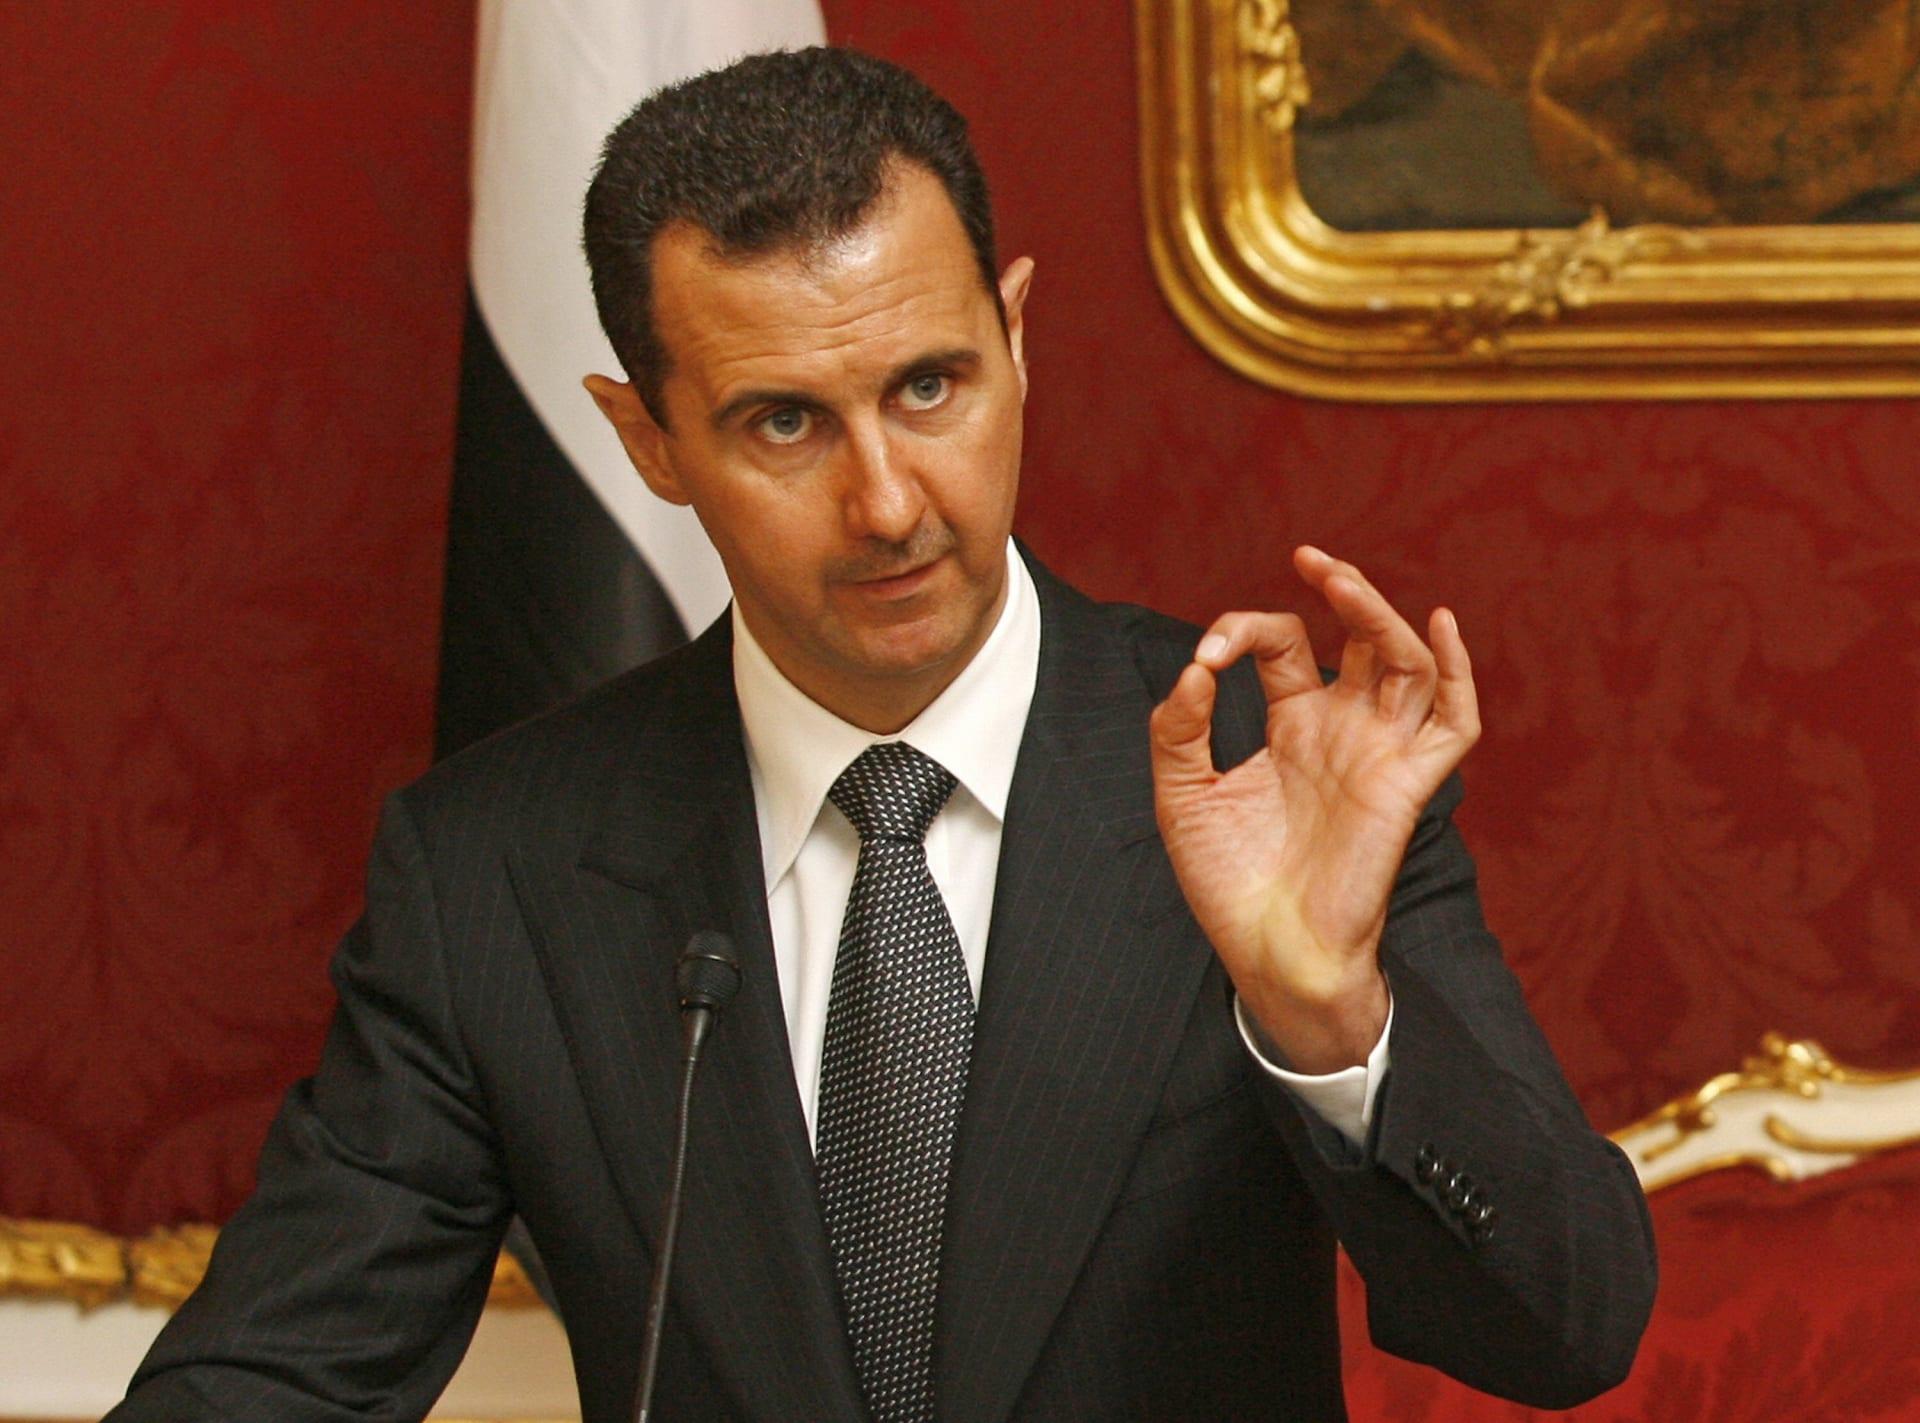 بشار الأسد: موت البغدادي ليس مهما.. وترامب أفضل رؤساء أمريكا